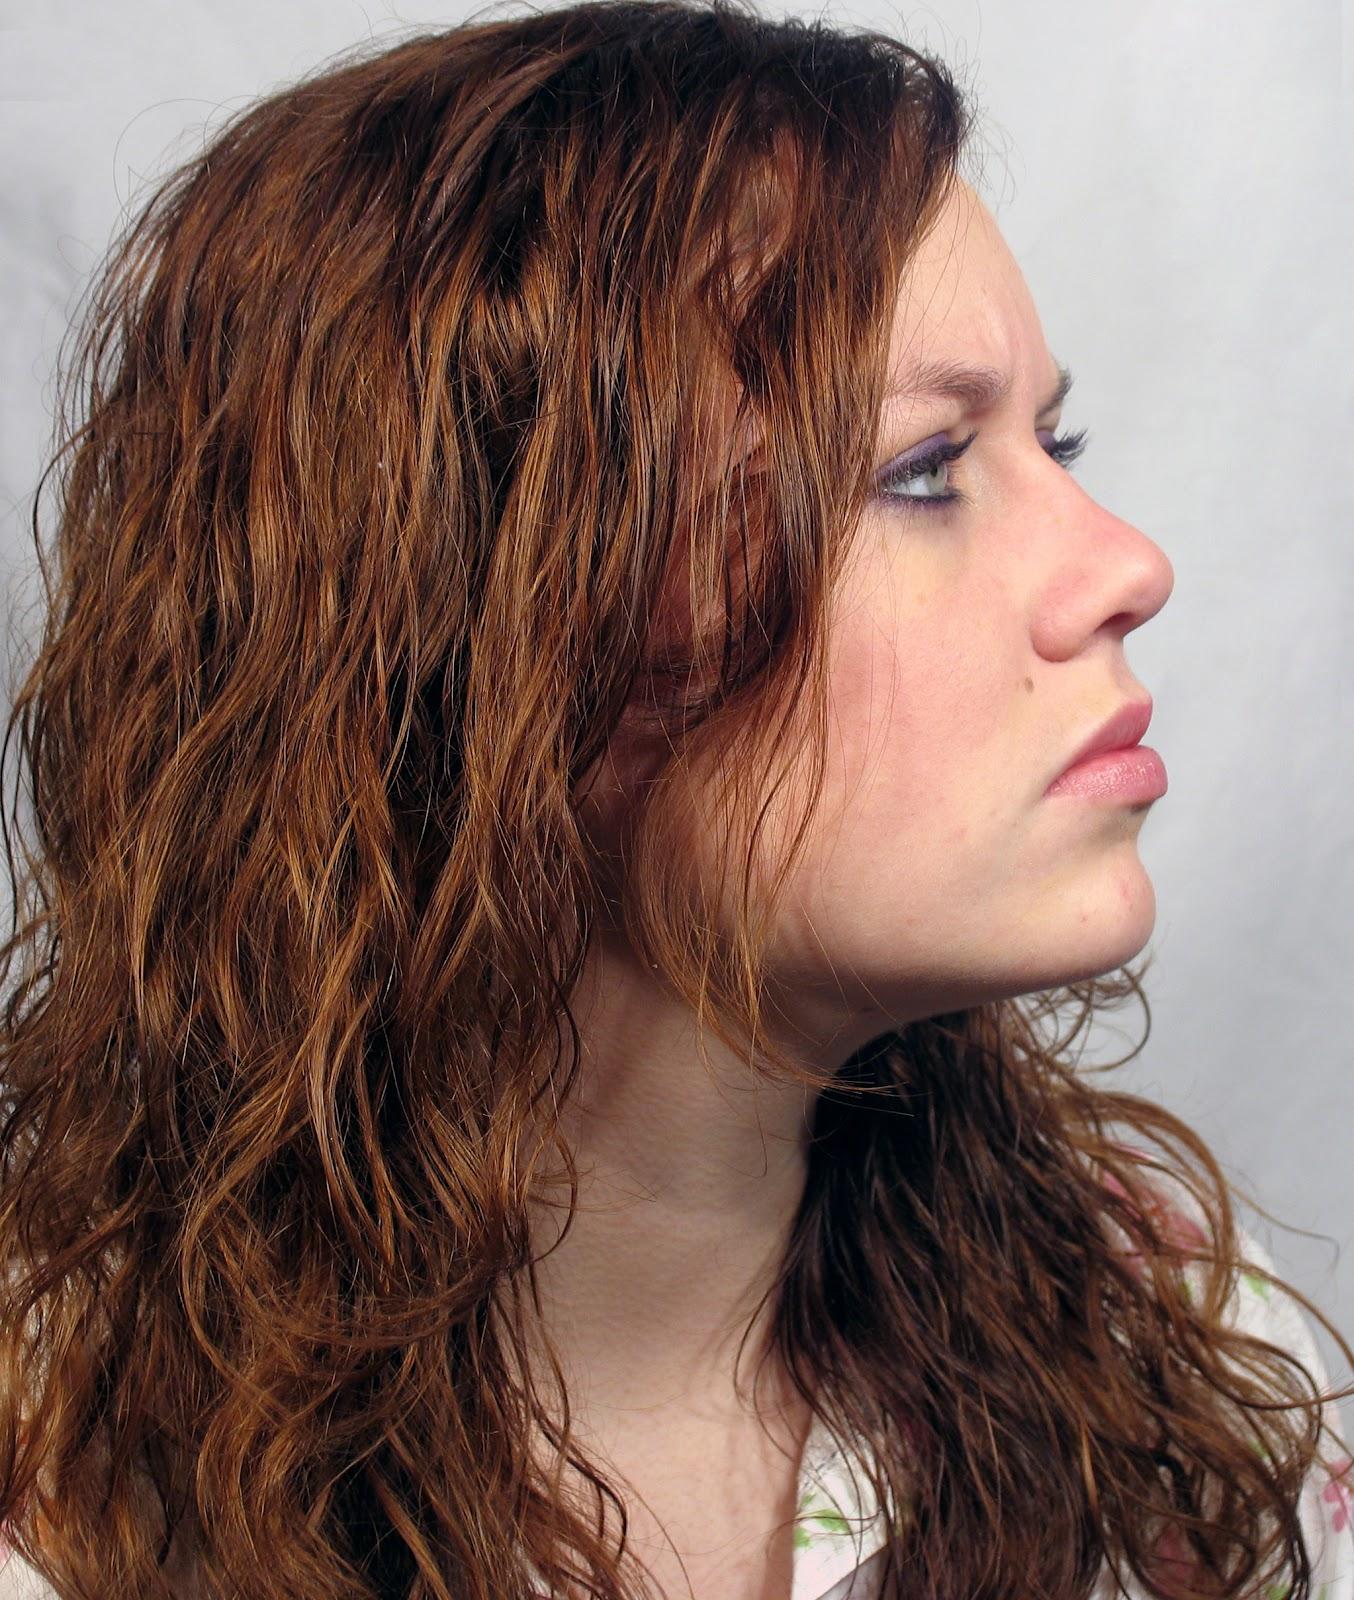 Маски из перца для волос кто делал